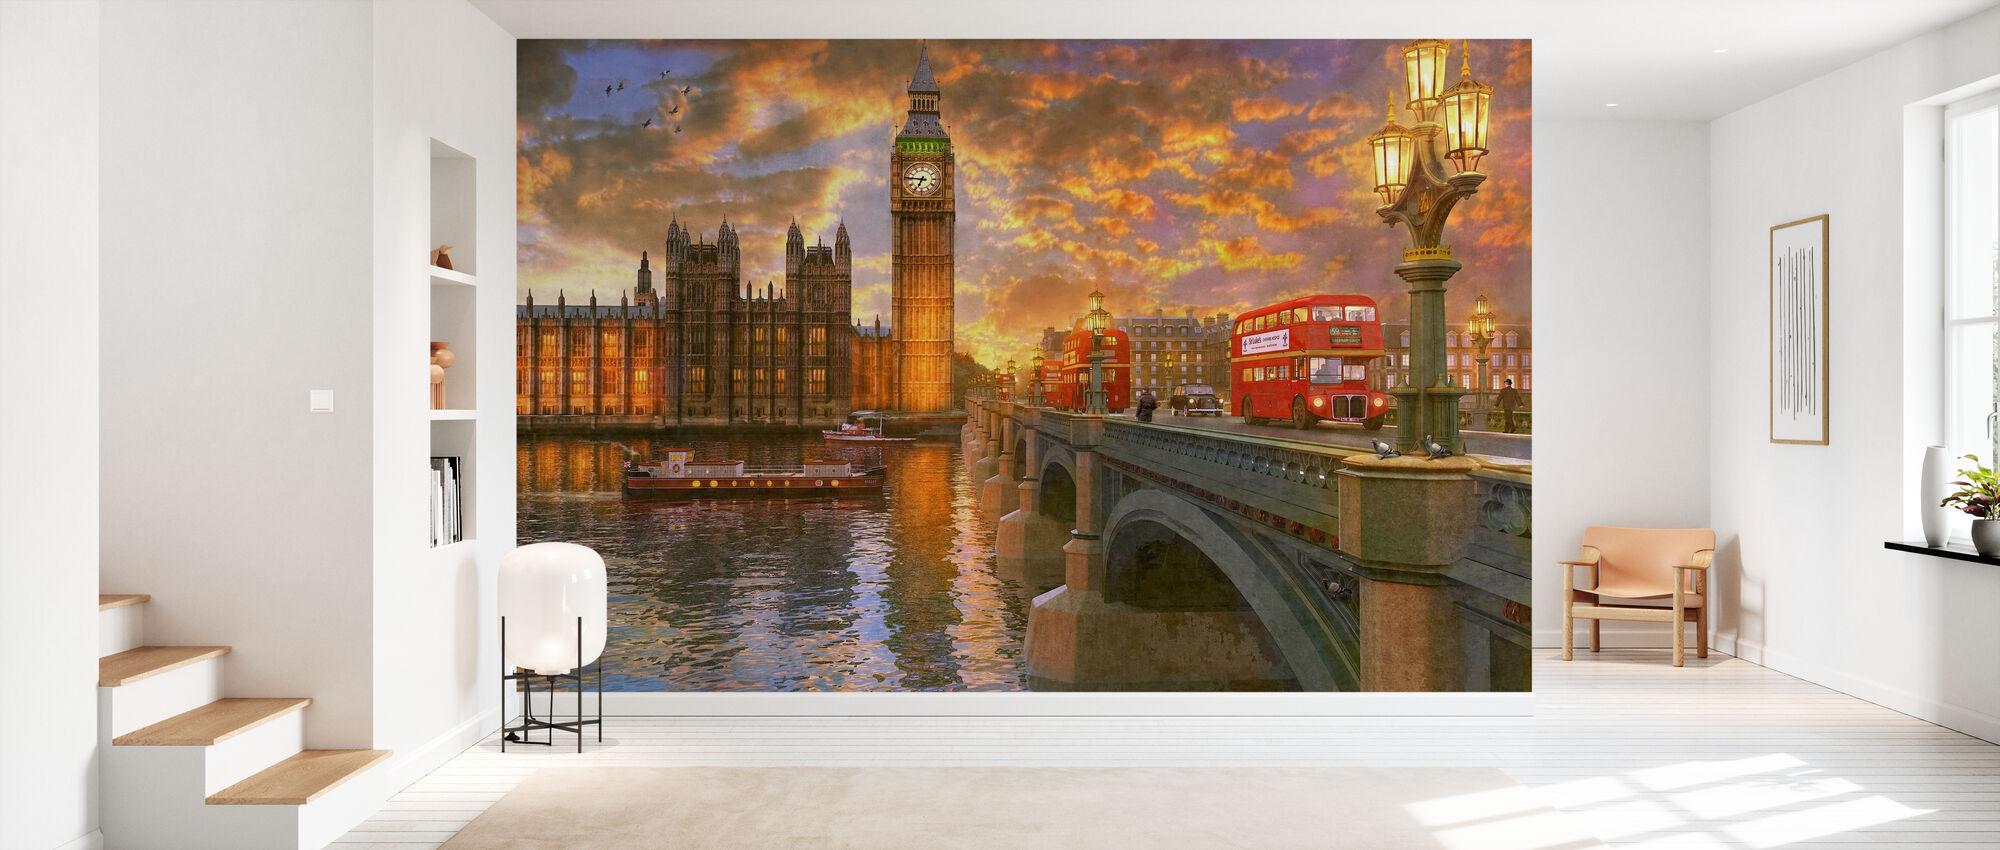 Westminster Sunset - Wallpaper - Hallway